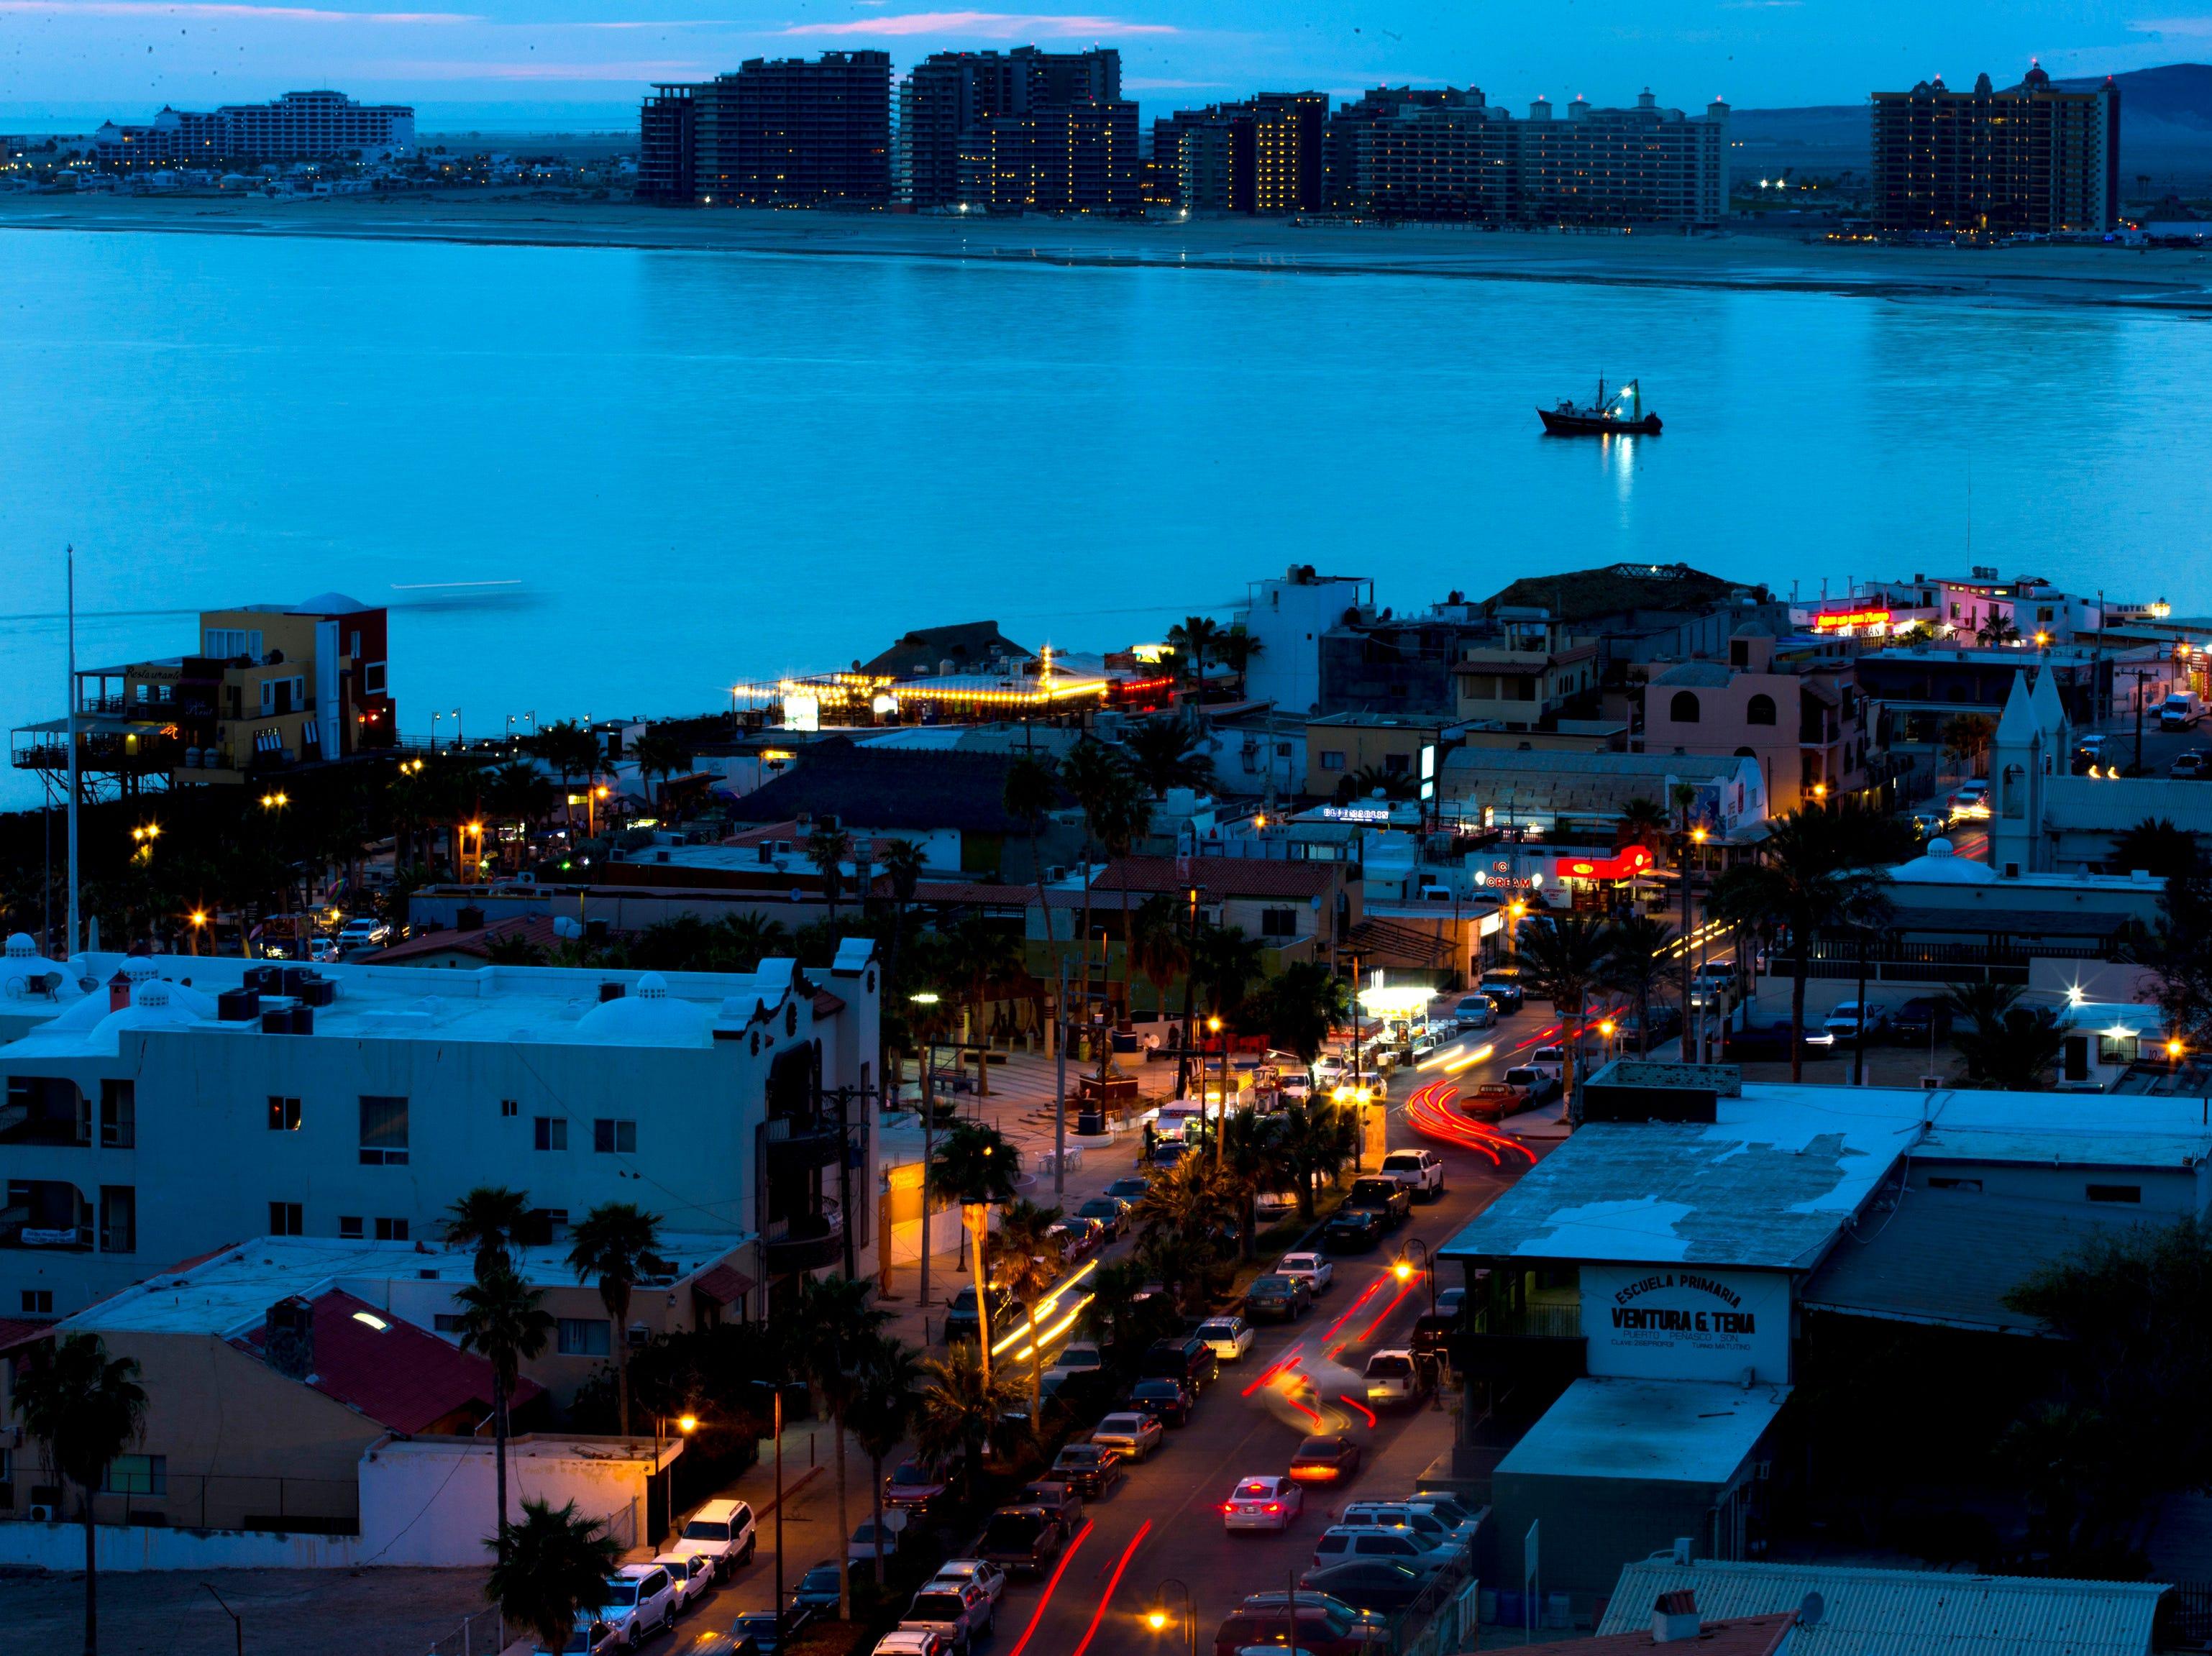 Night falls on the Malecon in Puerto Penasco, Mexico.